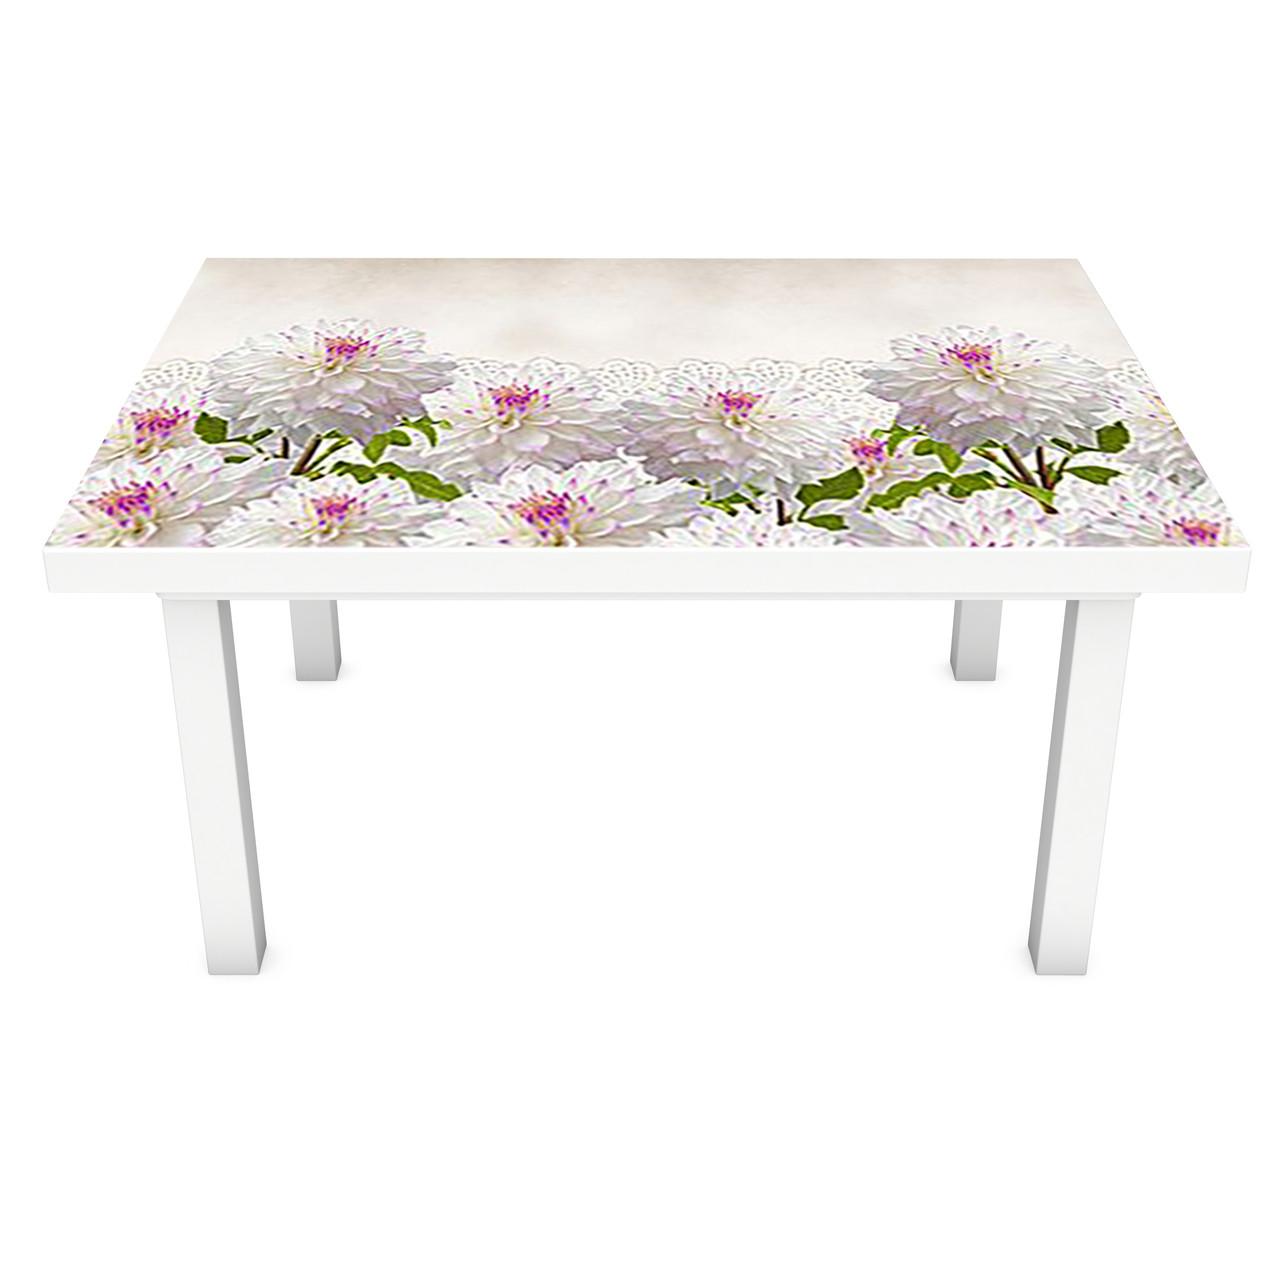 Наклейка на стол Пышные Георгины (3Д виниловая пленка ПВХ) Цветы Белый 600*1200 мм